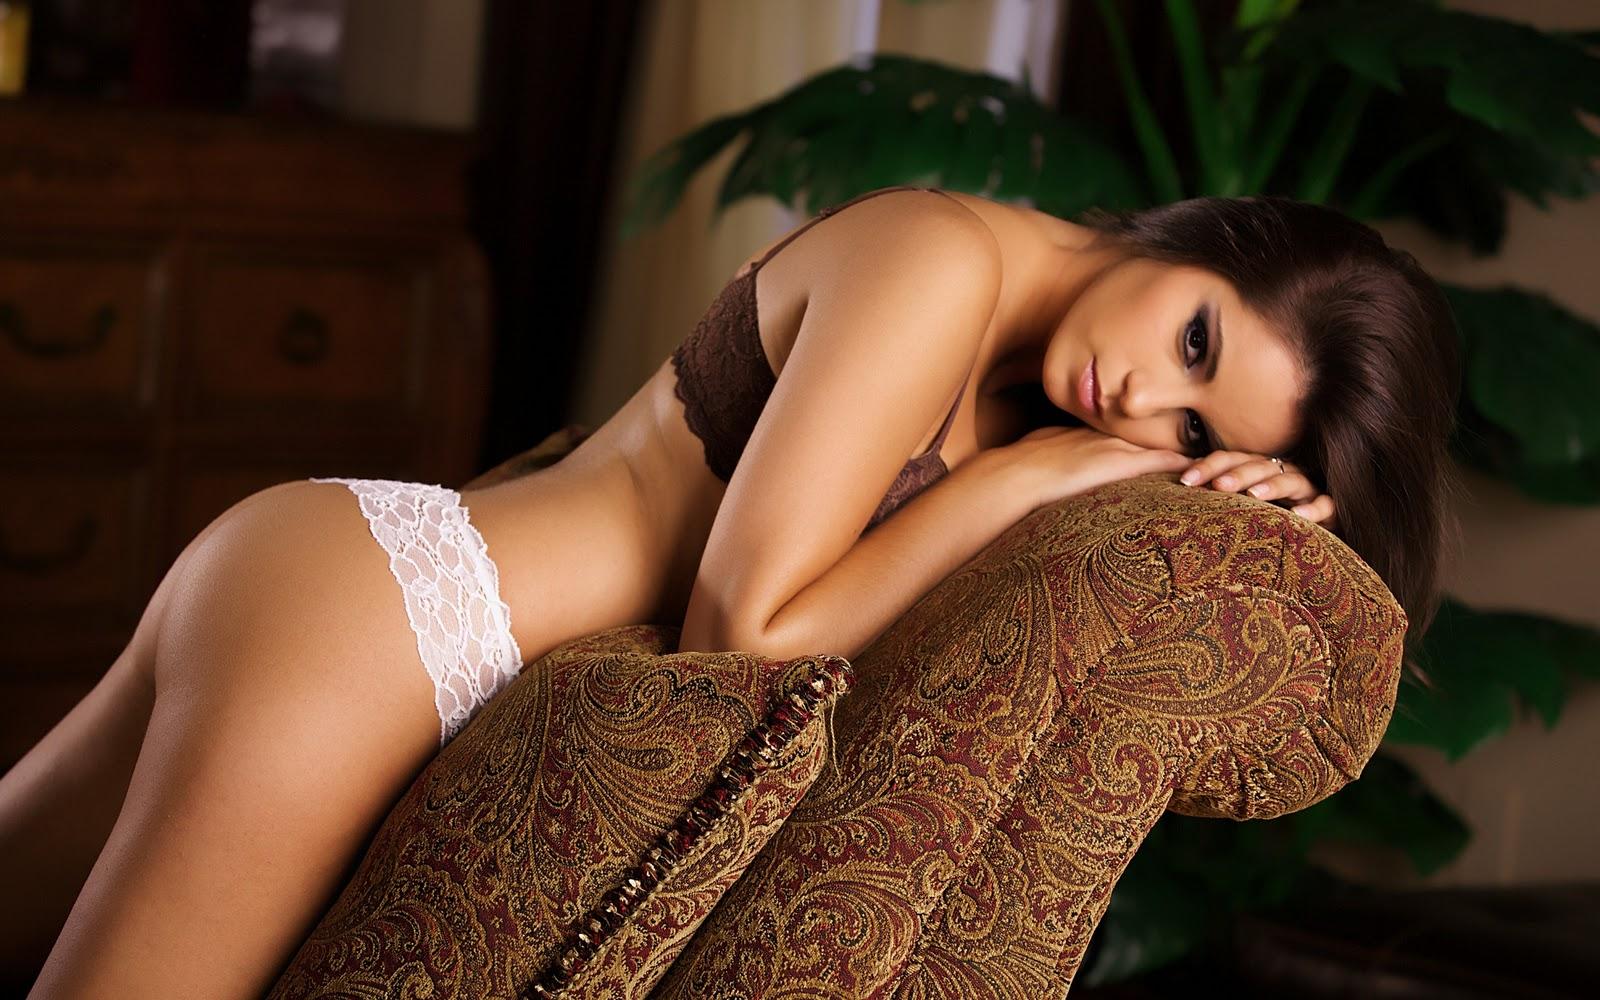 Sexy ass wallpaper